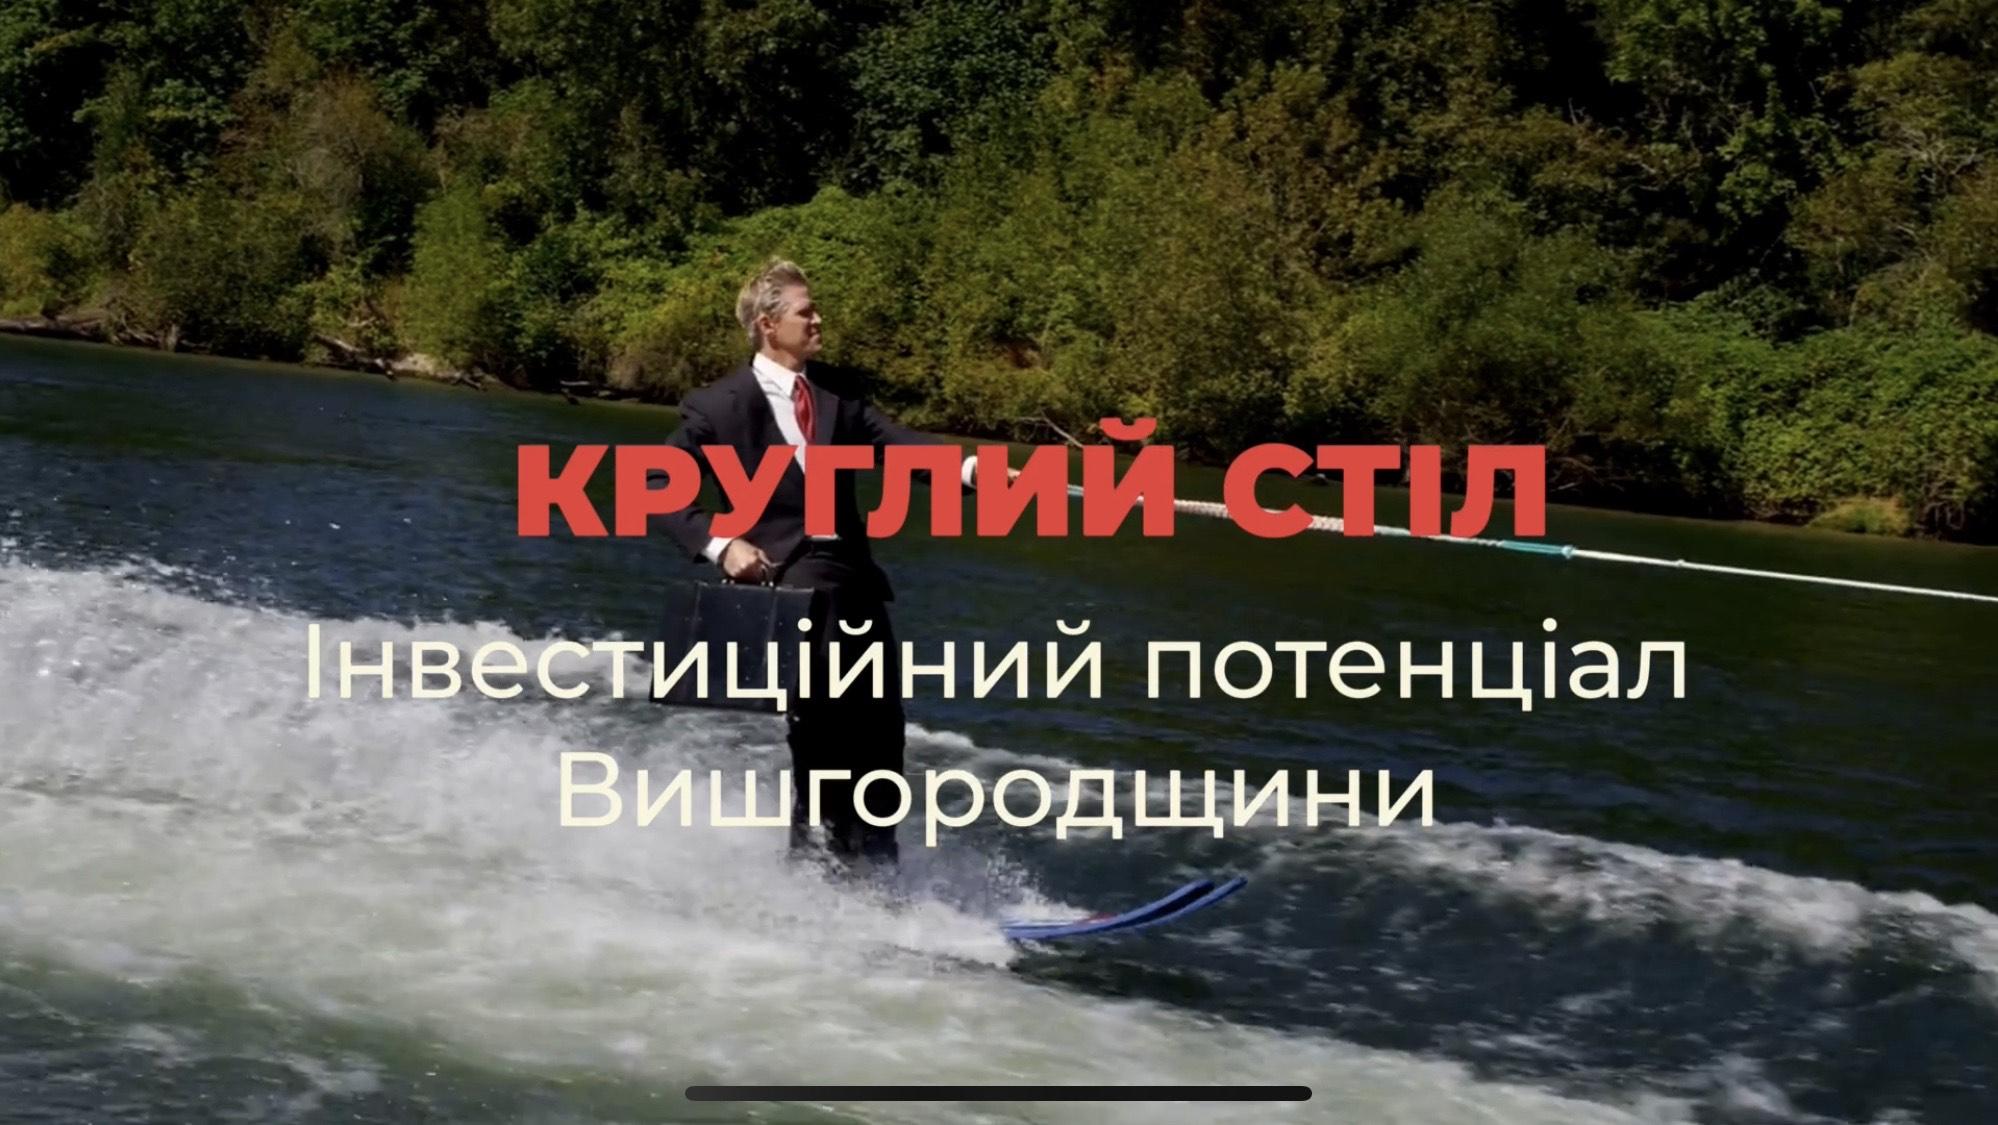 Формується інвестиційний паспорт Вишгородщини - круглий стіл, київщина, Вишгородський район - turystychnyj